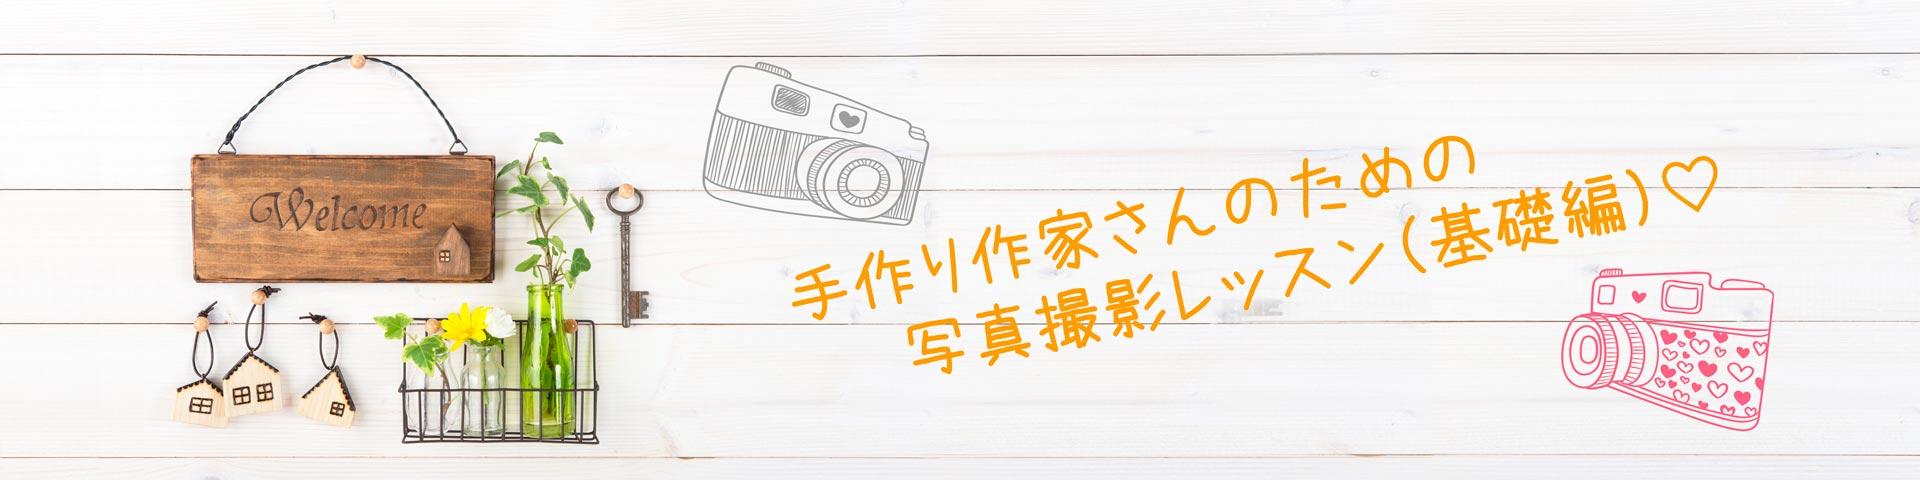 手作り作家さんのための写真撮影レッスン:基礎編 (受講生募集中!)